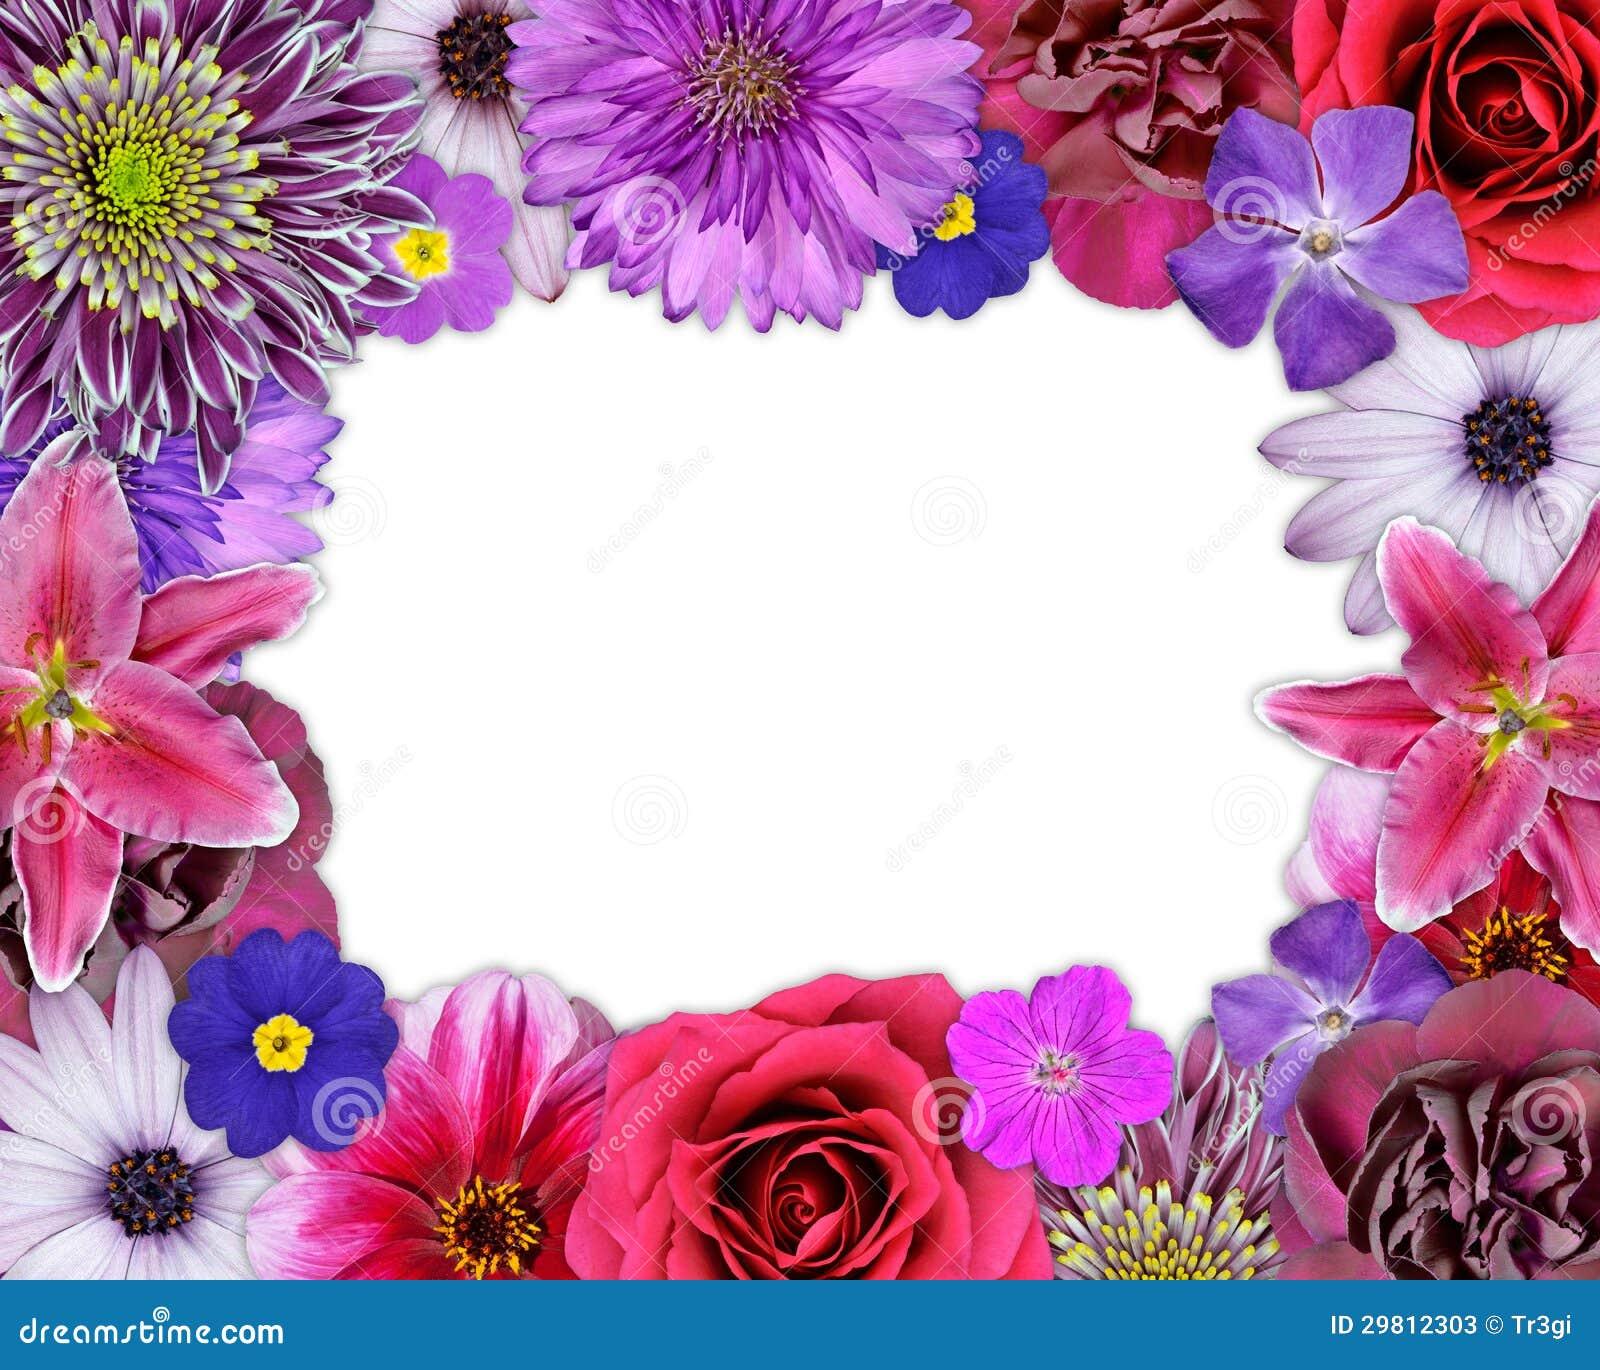 blumen rahmen rosa purpur rote blumen auf wei stockfotos bild 29812303. Black Bedroom Furniture Sets. Home Design Ideas